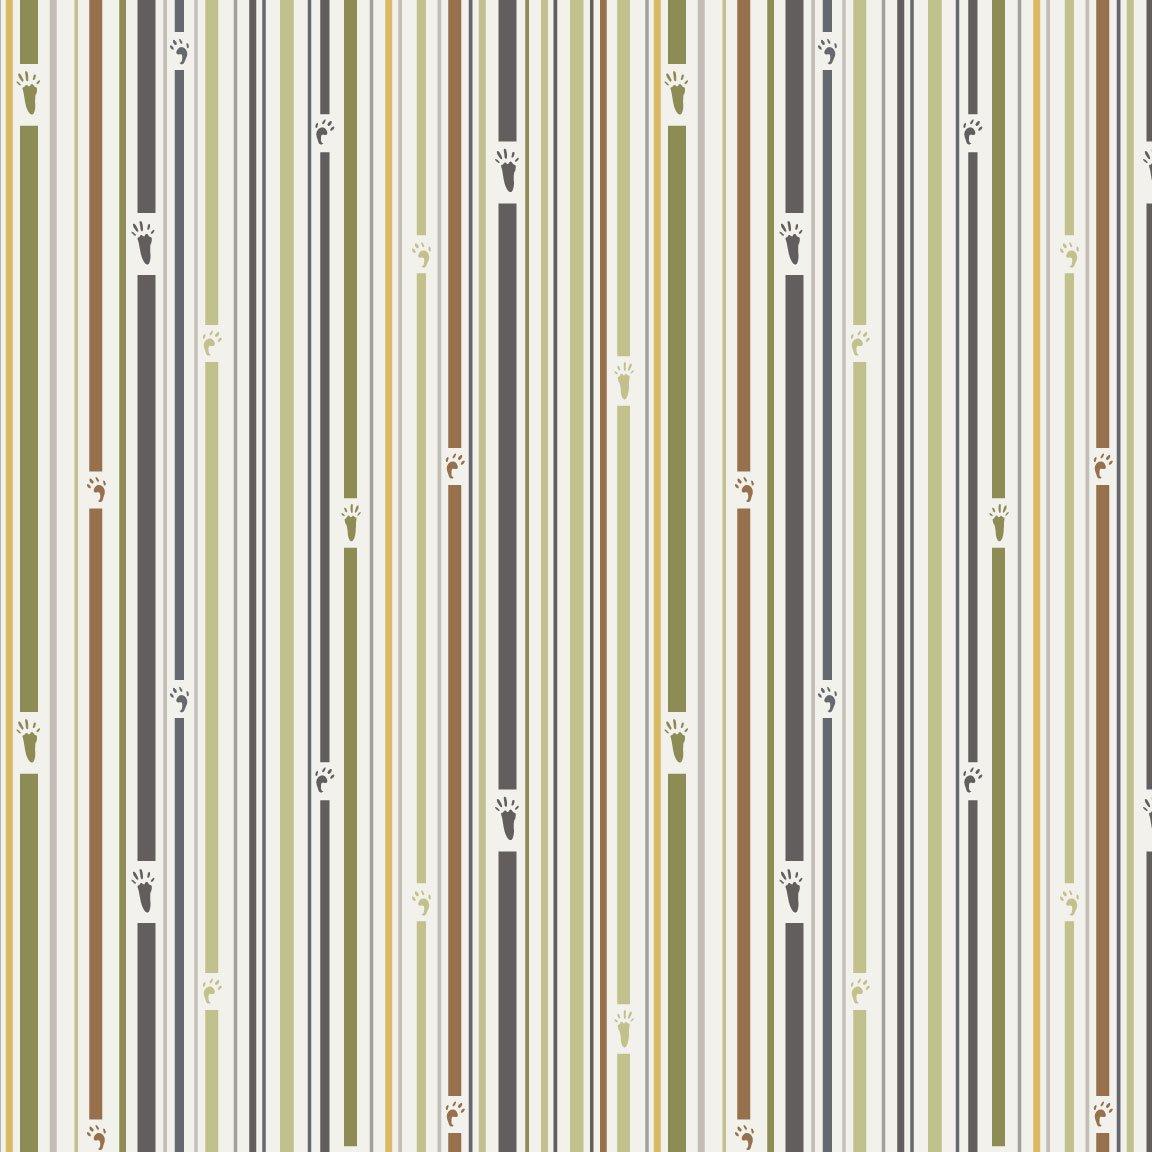 Stripe - Boy